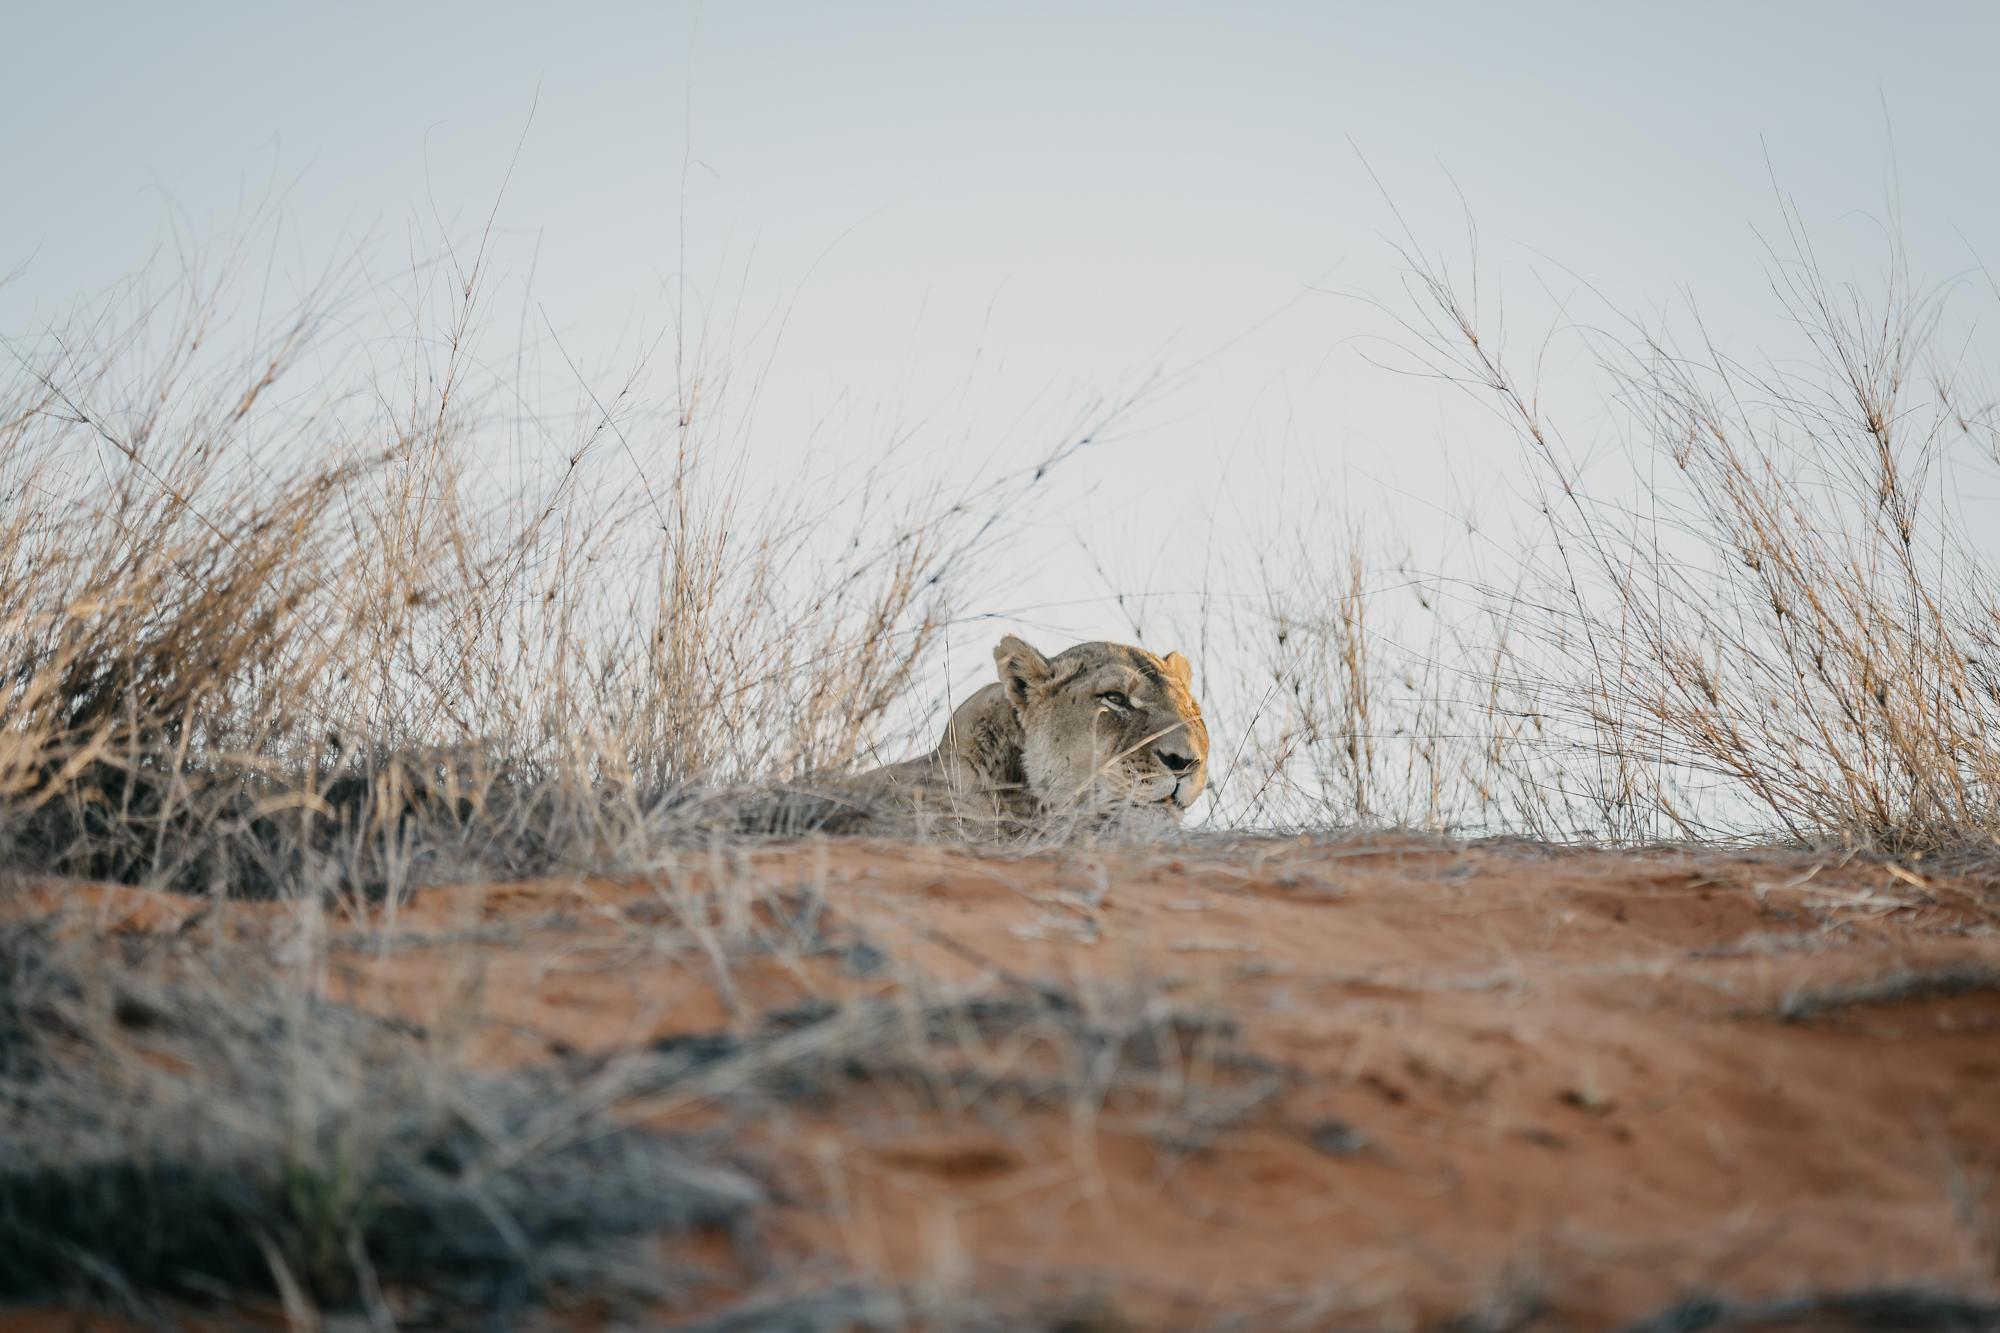 061518_Namibia_PIXd2camKayla_00671.jpg